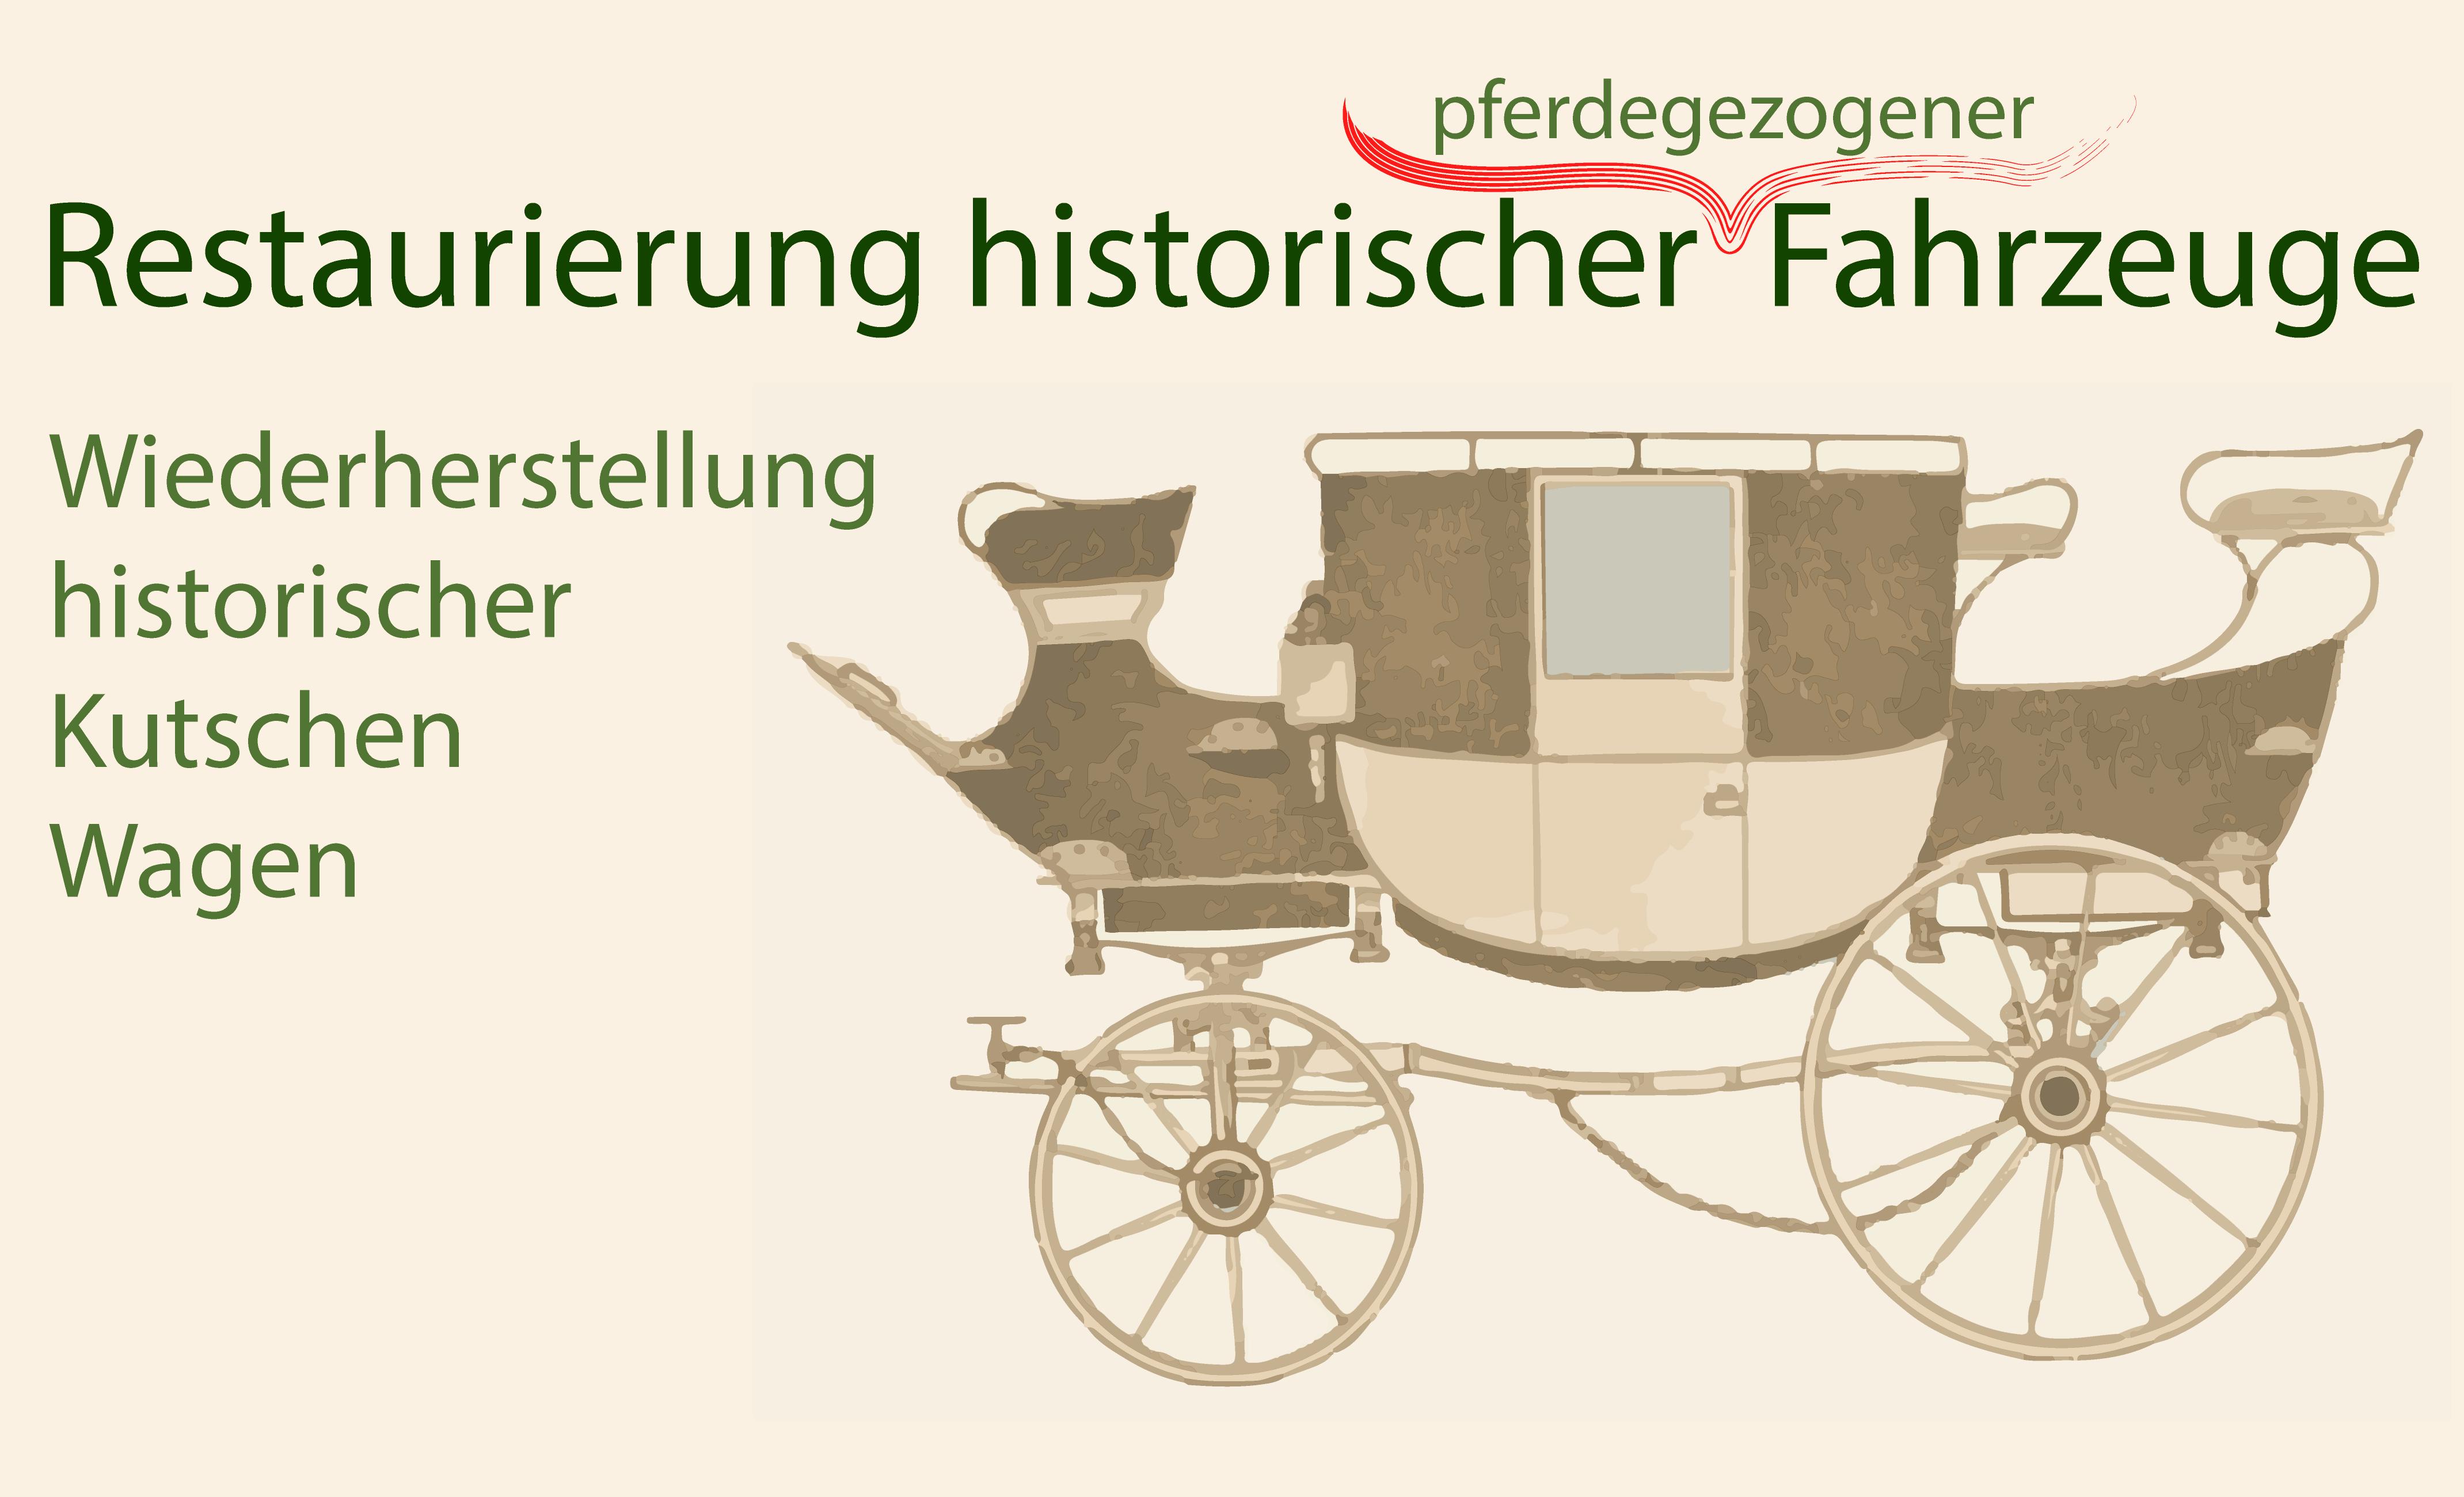 Restaurierung und Wiederherstellung historischer Kutschen und Wagen, restaurieren, Pferdekutschen restaurieren,